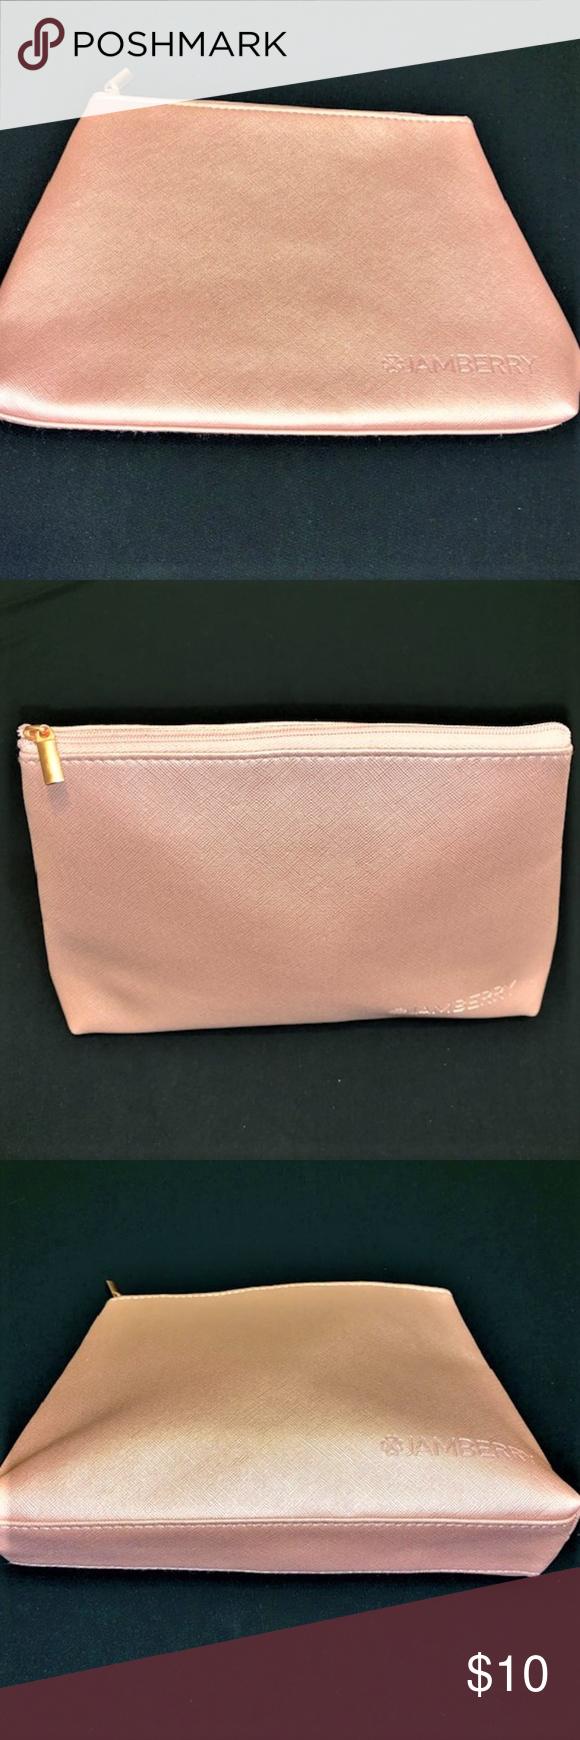 JAMBERRY-Kosmetik-Reise-Tasche NWOT Color – Blush-Pink-Größe – OS Süß und Ed…